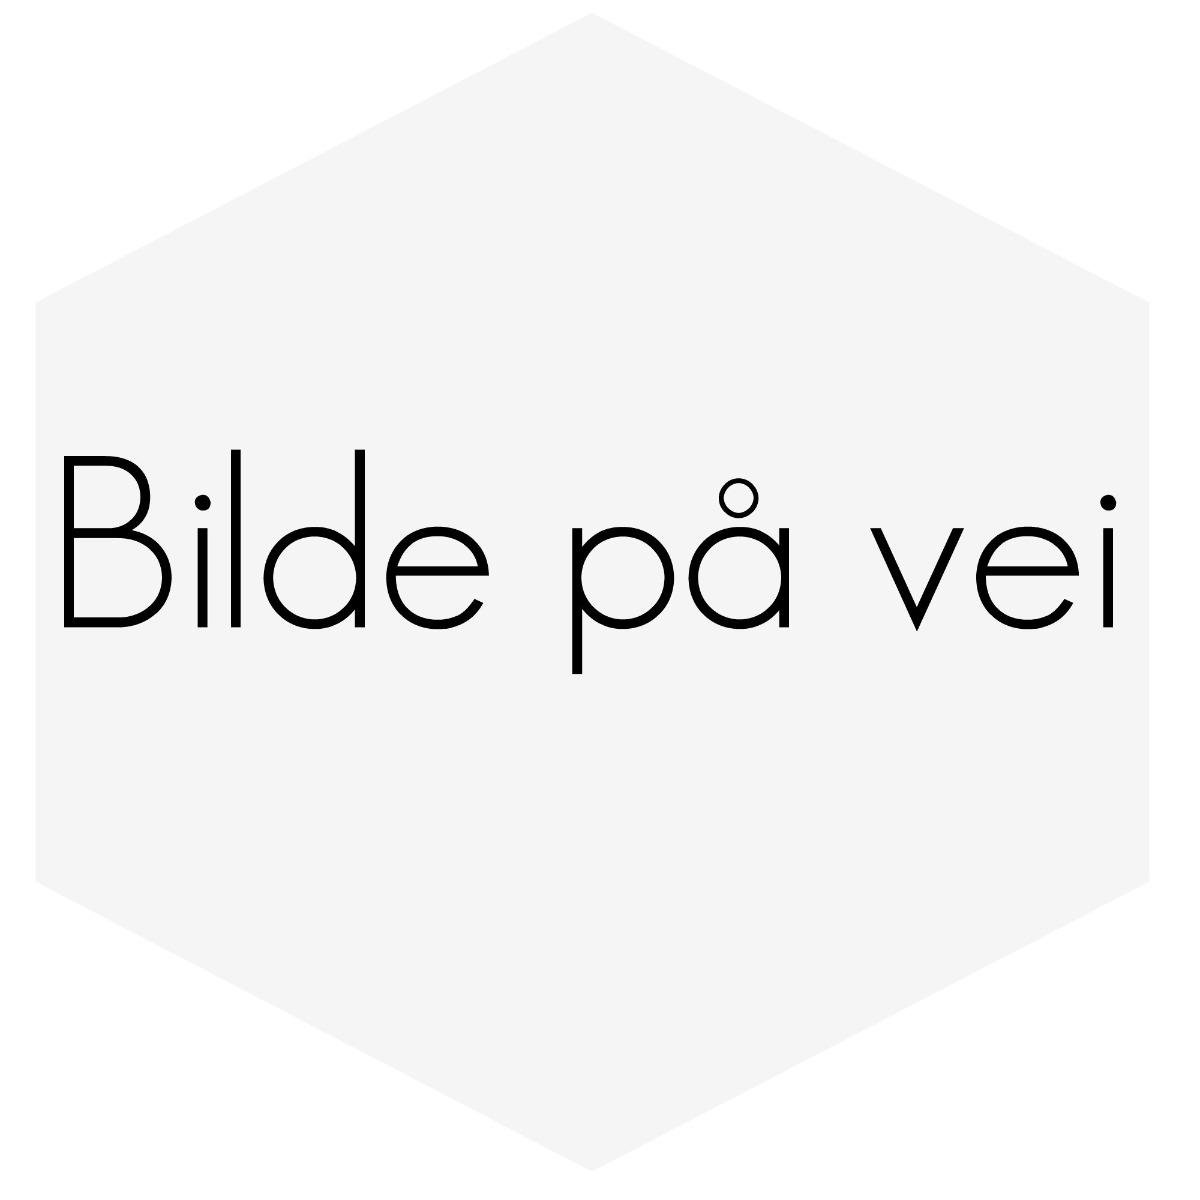 RELE BLINK SORT VANLIG 3-POLET . IPD